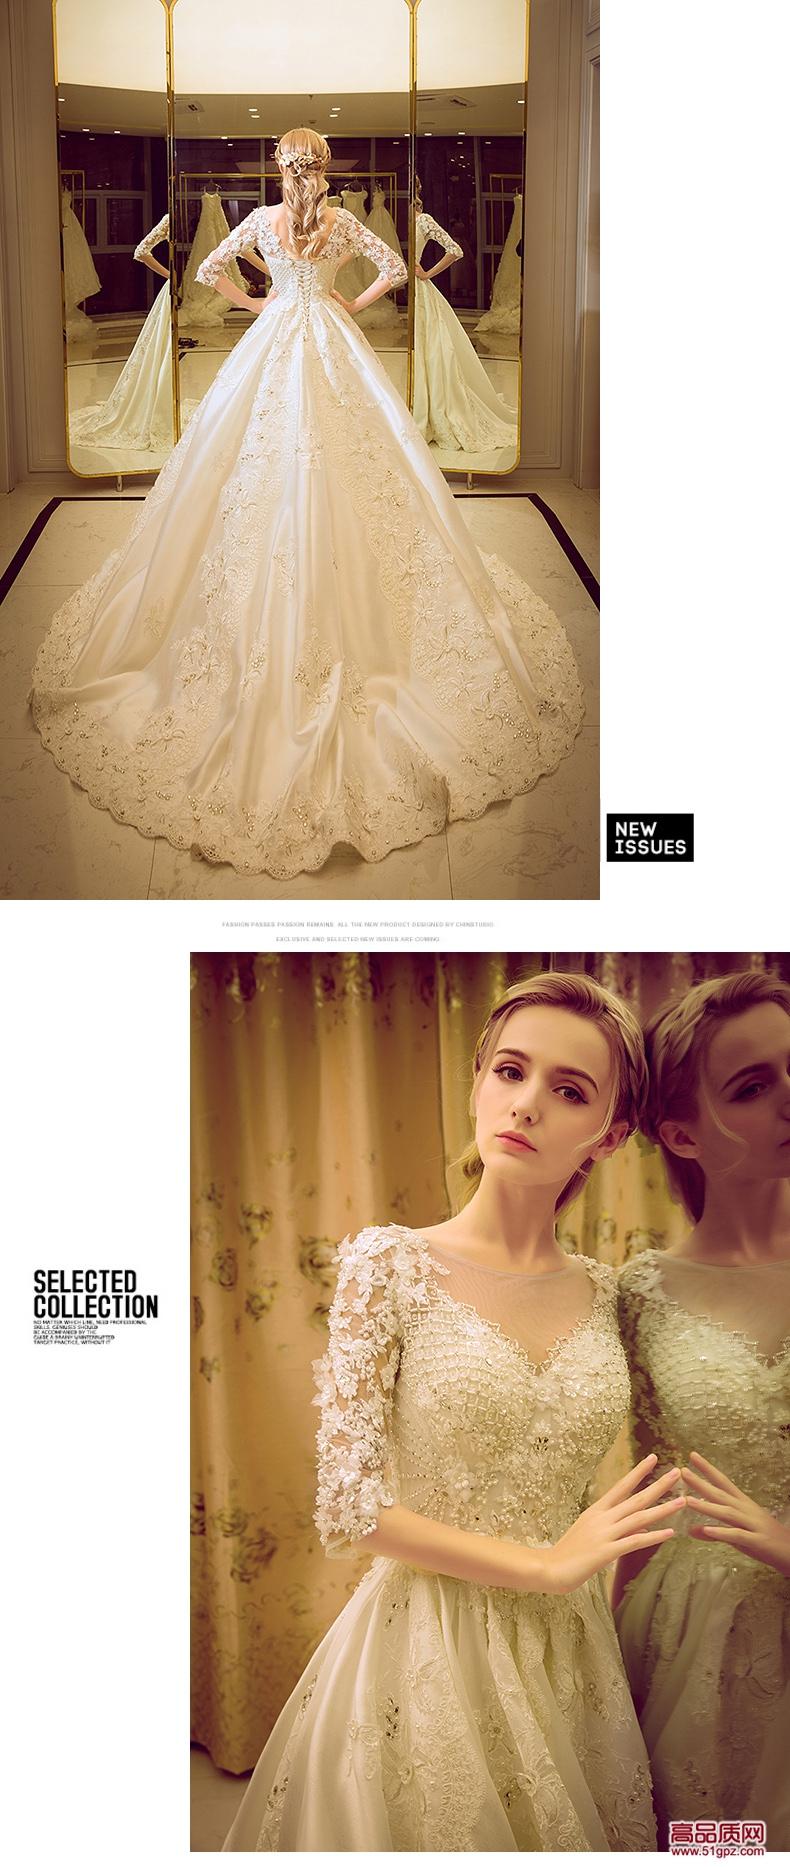 象牙白婚纱礼服新娘长拖尾齐地宫廷长袖蓬蓬裙韩式婚纱2018新款